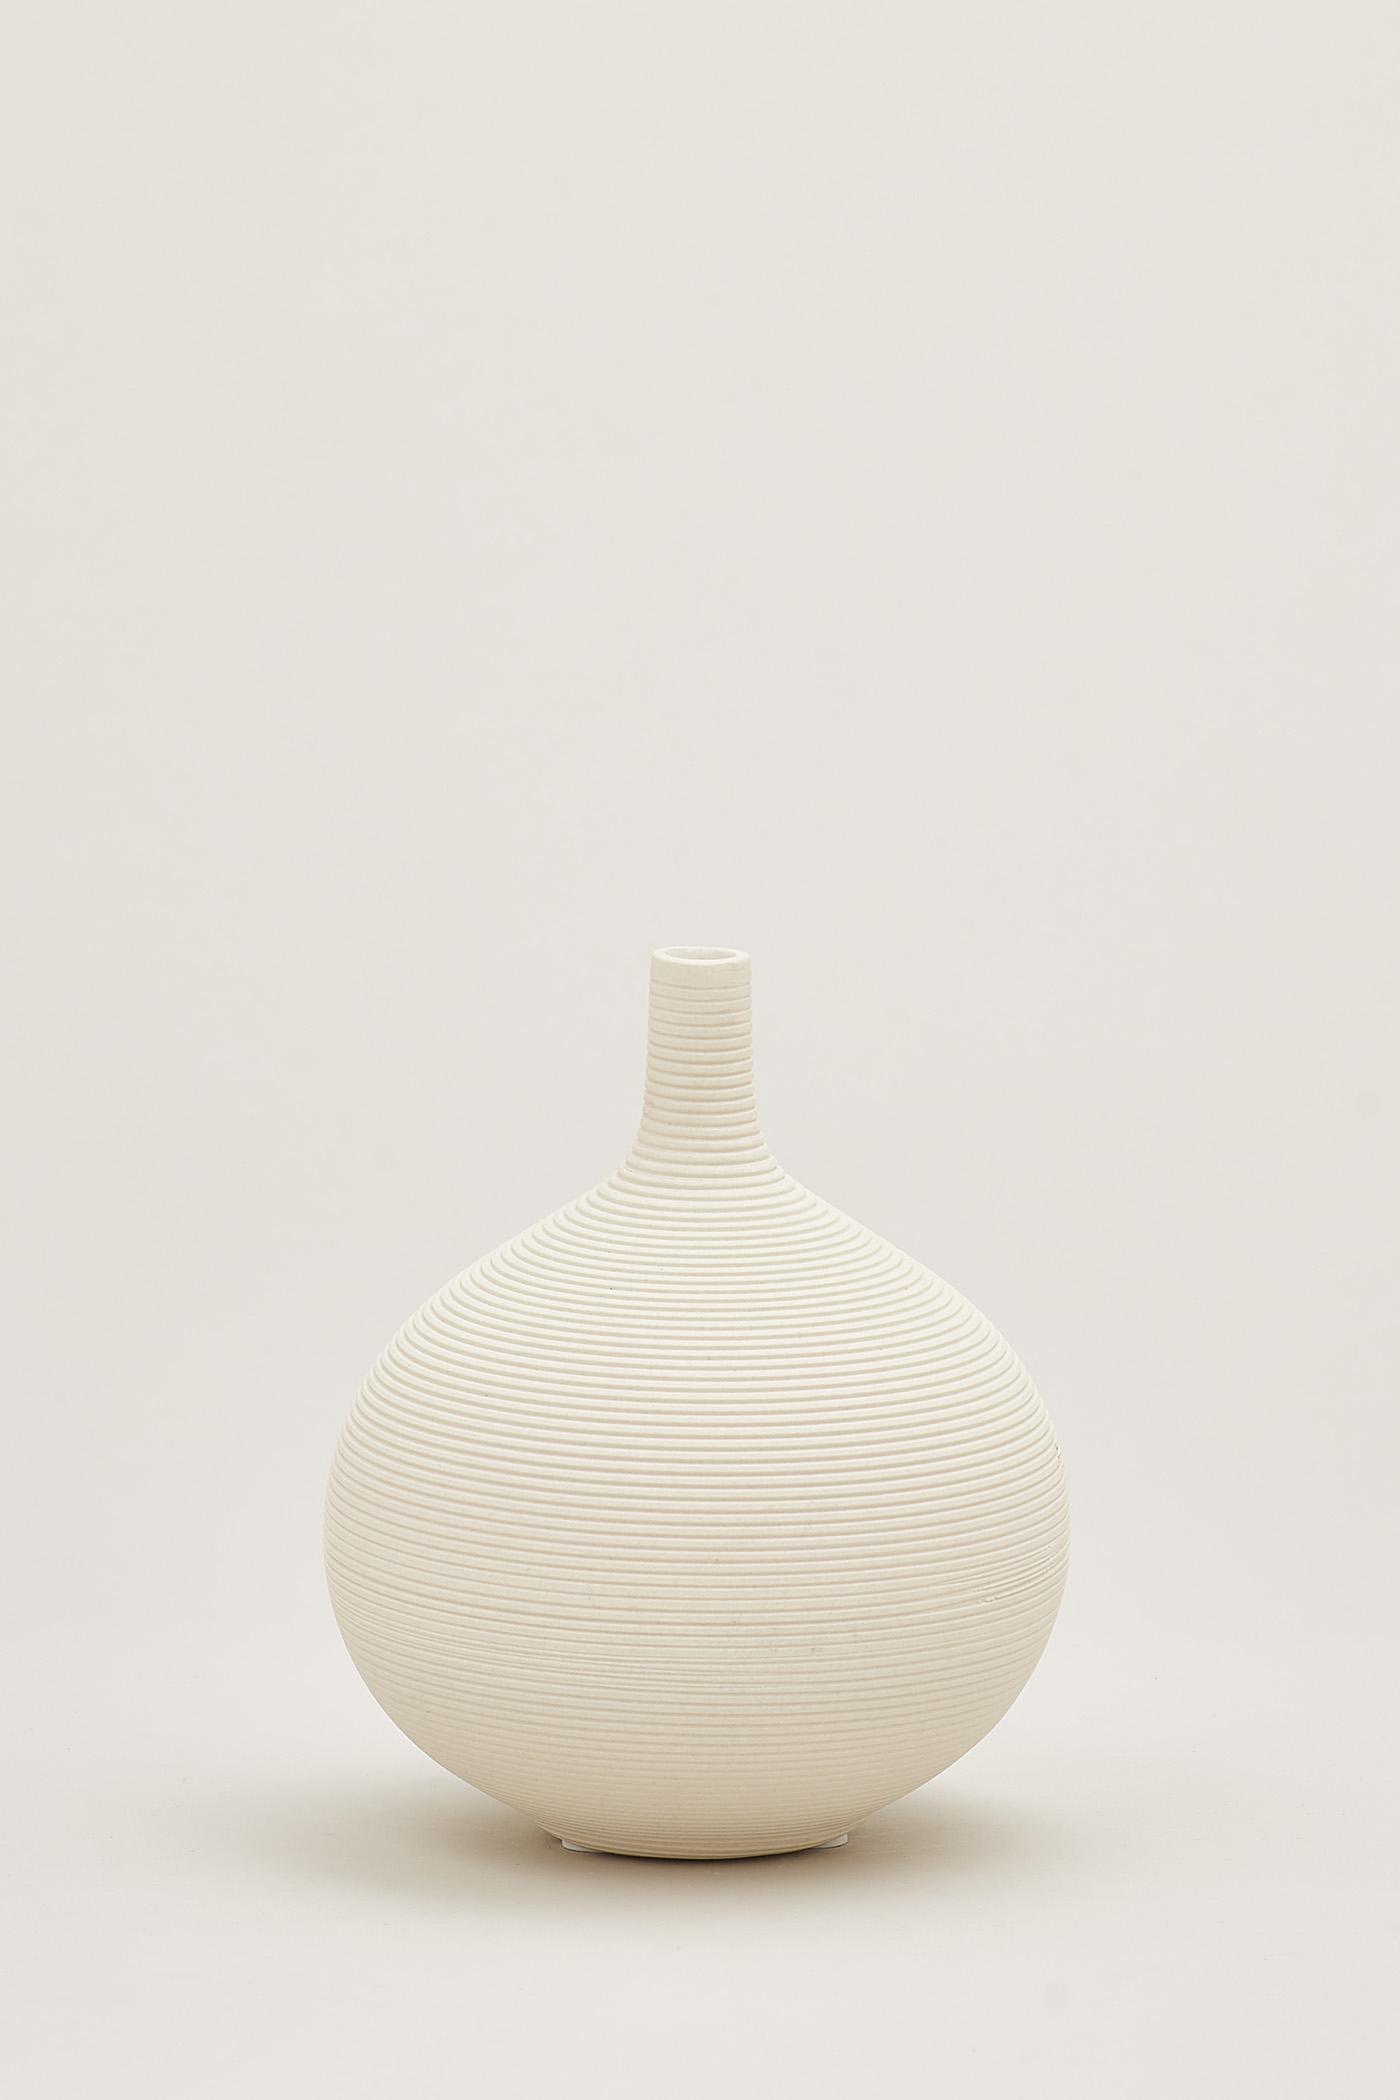 Kanaye Orb Vase